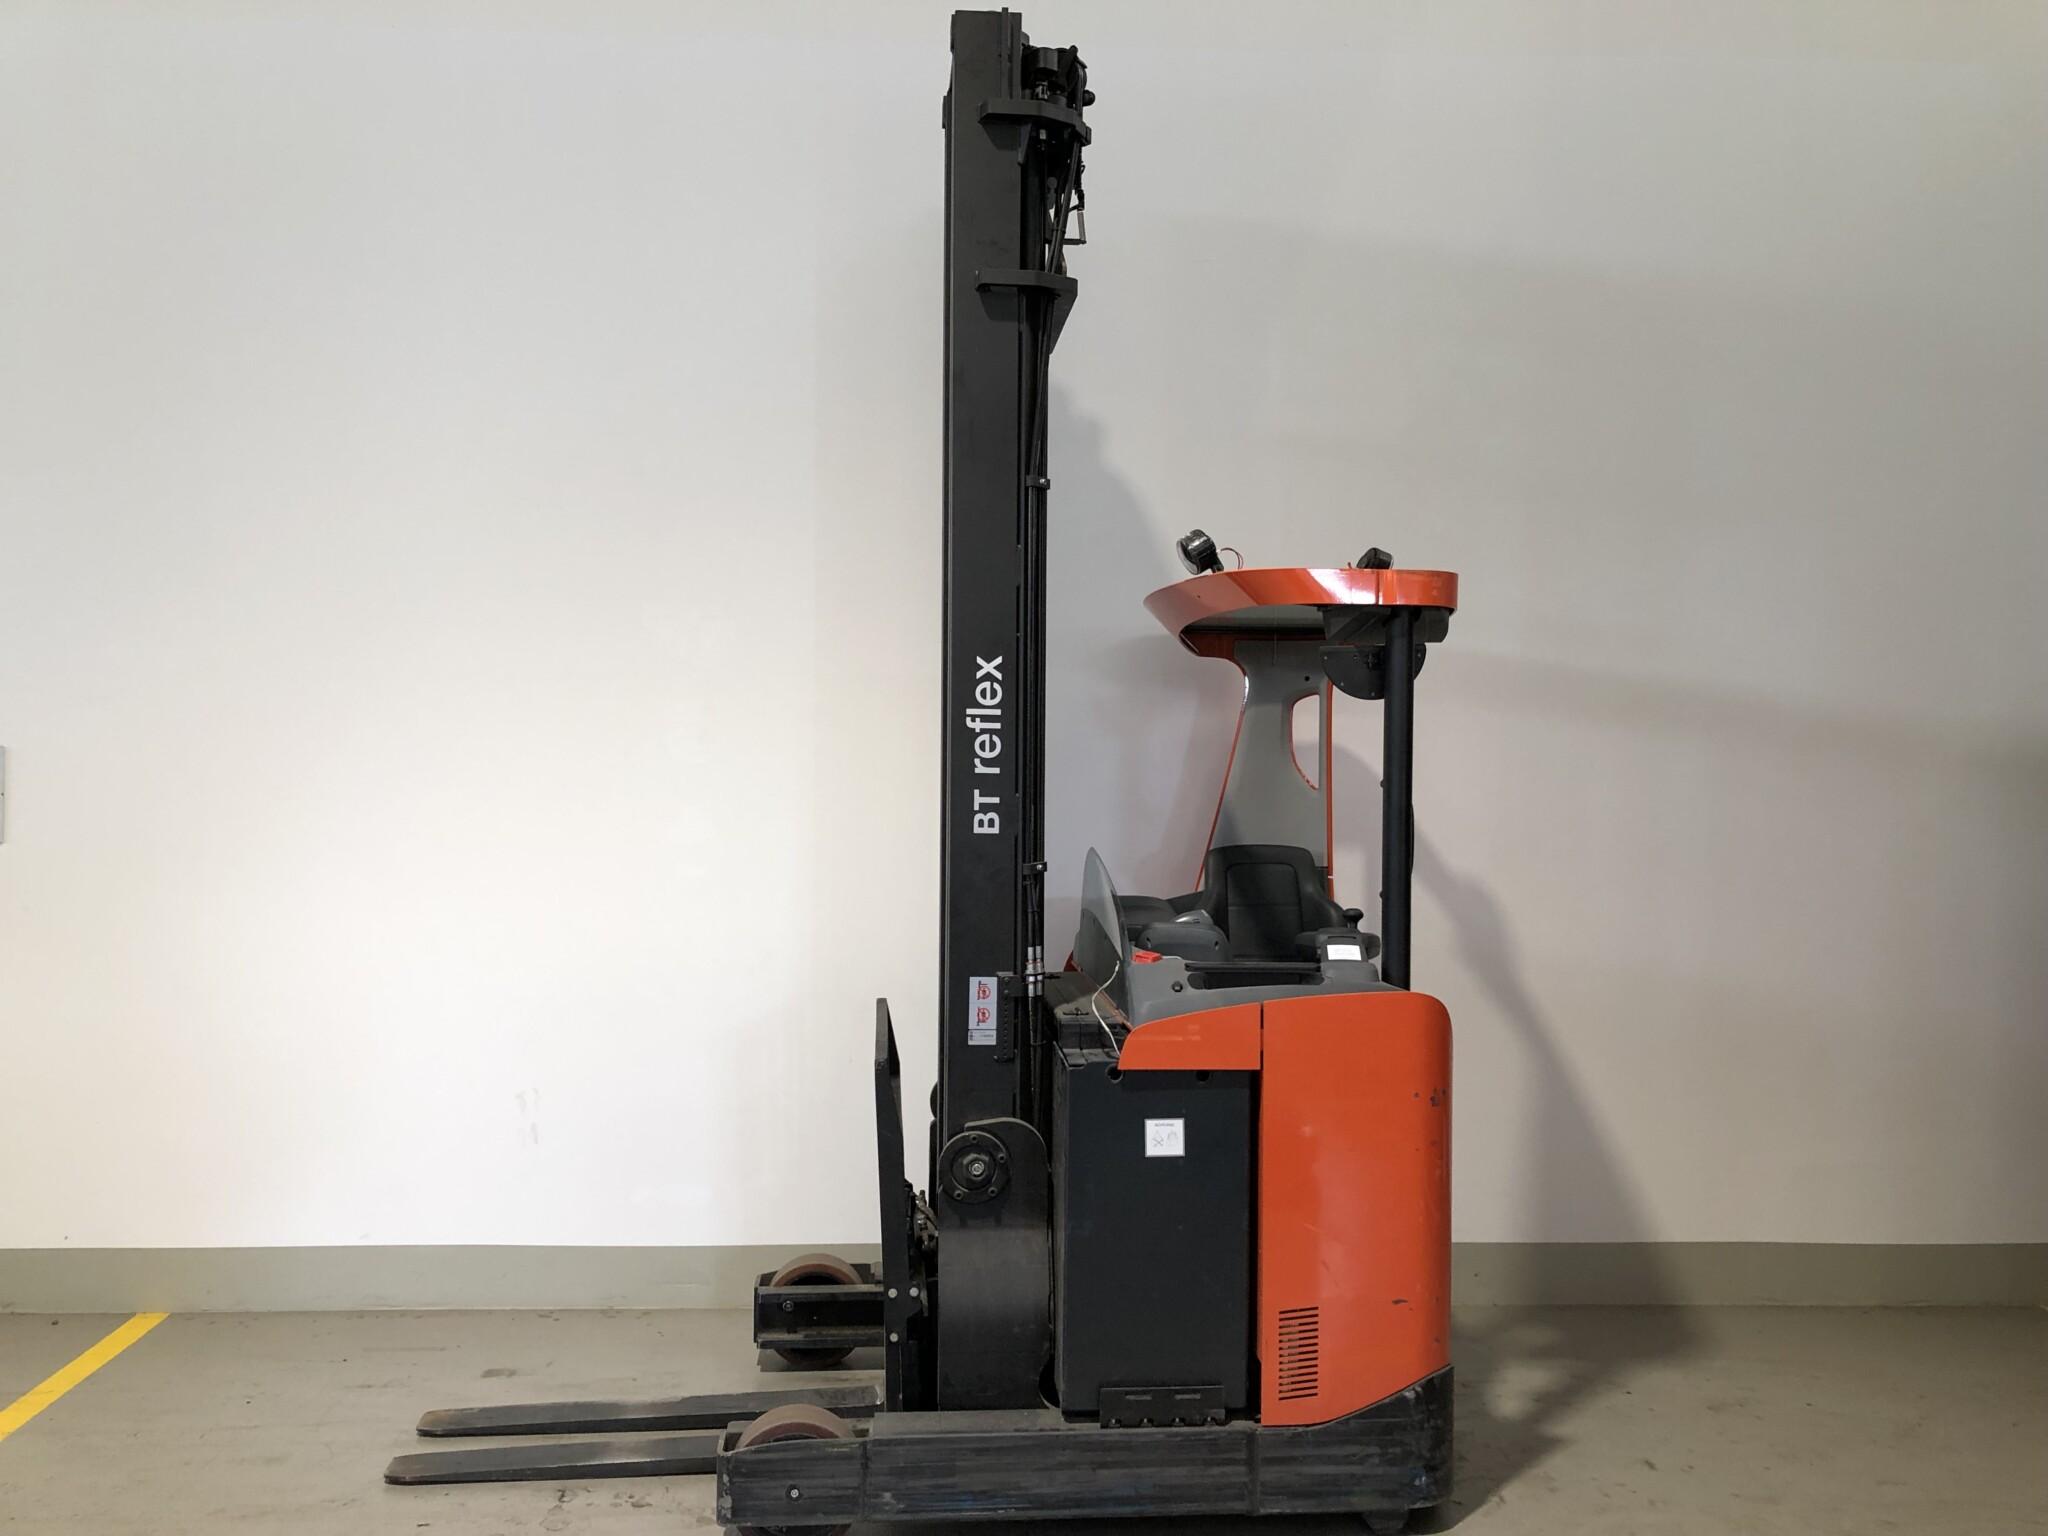 Toyota-Gabelstapler-59840 1612006086 1 scaled